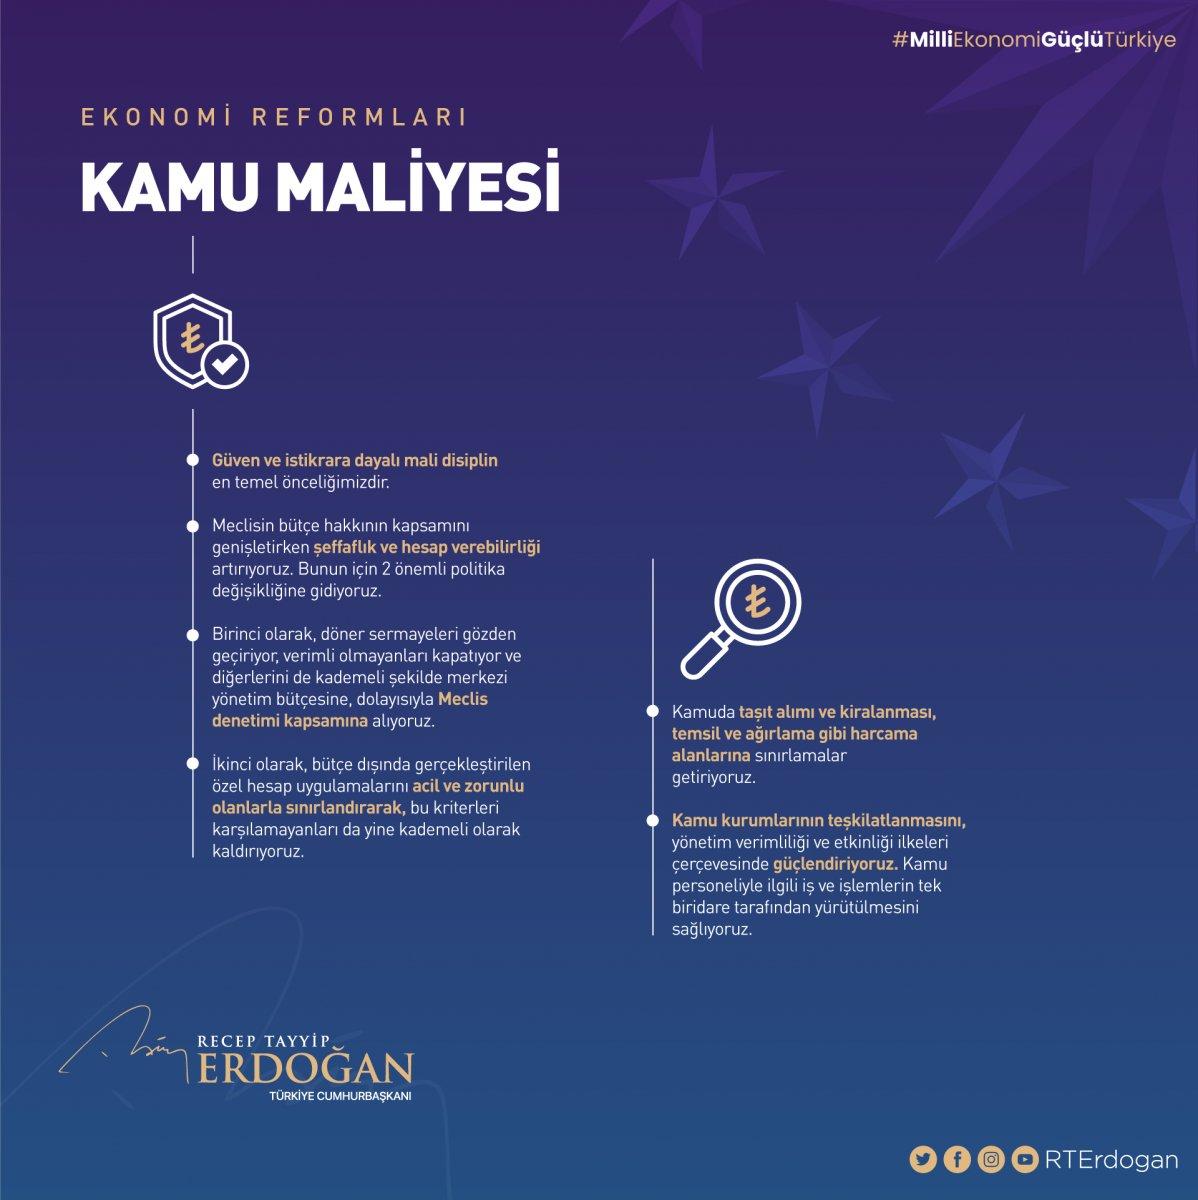 Cumhurbaşkanı Erdoğan ın açıkladığı ekonomi reformu paketi #15